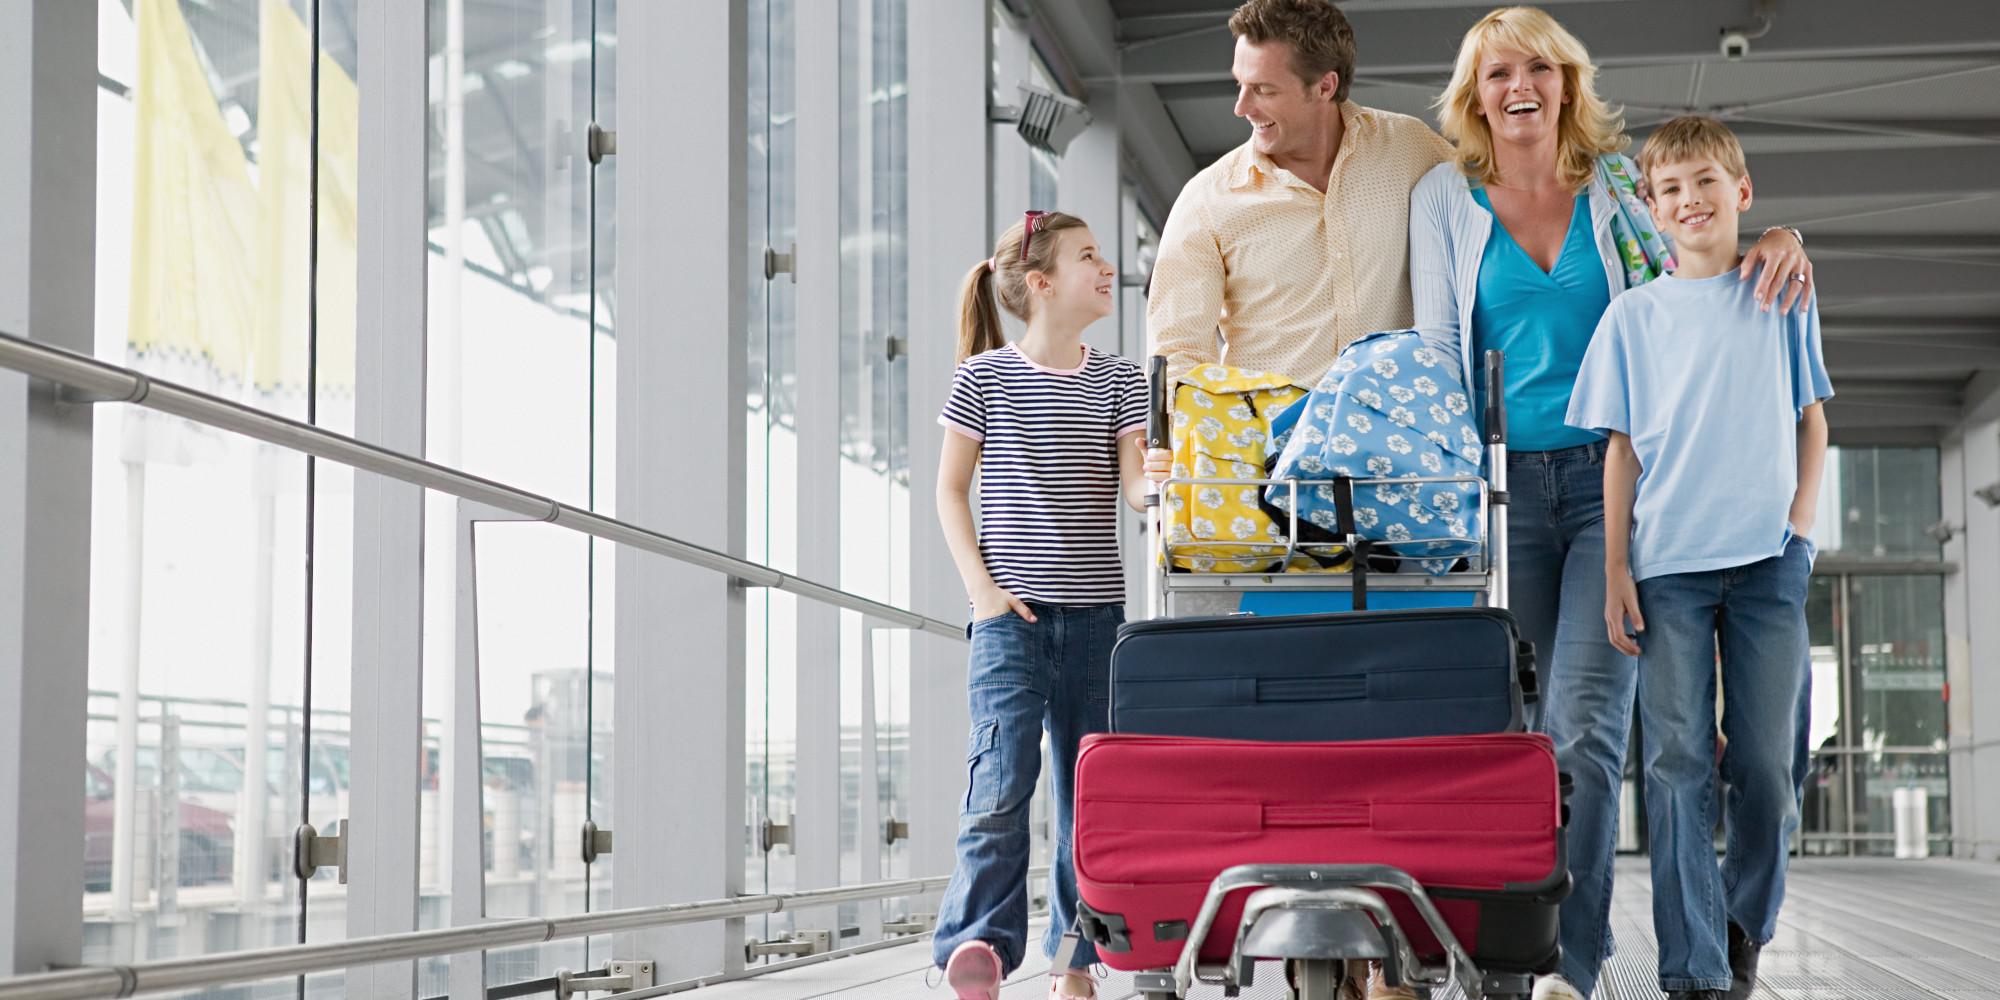 Giá vé máy bay Tết của trẻ em, người già và người khuyết tật là bao nhiêu?